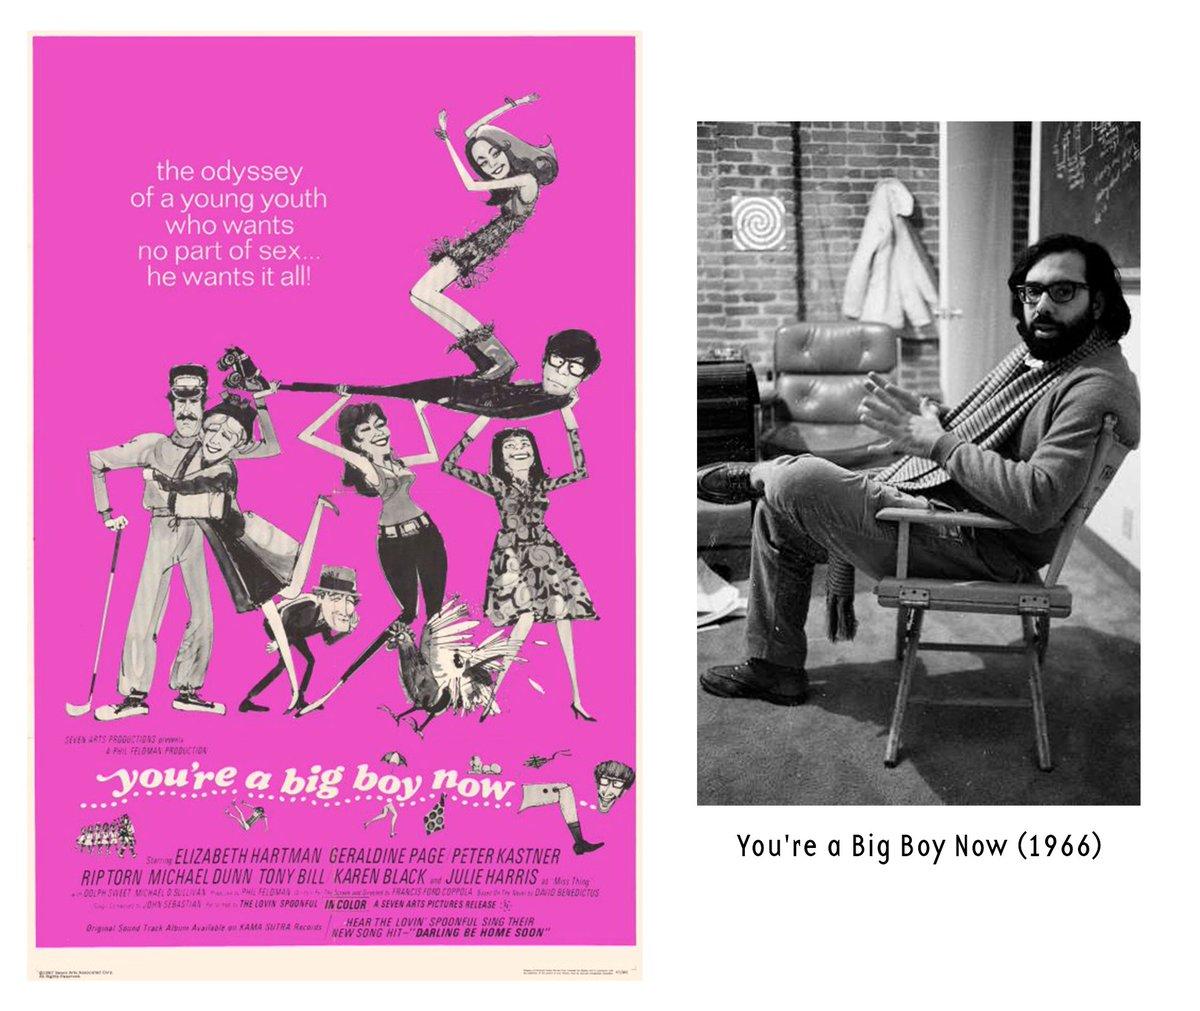 """""""You're a Big Boy Now"""" (1966) el primer drama de Ford Coppola, una historia iniciática de un joven que tiene que madurar ante la mirada de sus padres. La primer película con nominaciones como Mejor Película, Guión y Actriz en Cannes, BAFTA, WGA, Golden Globes y Oscar. pic.twitter.com/IP0jMHWooy"""